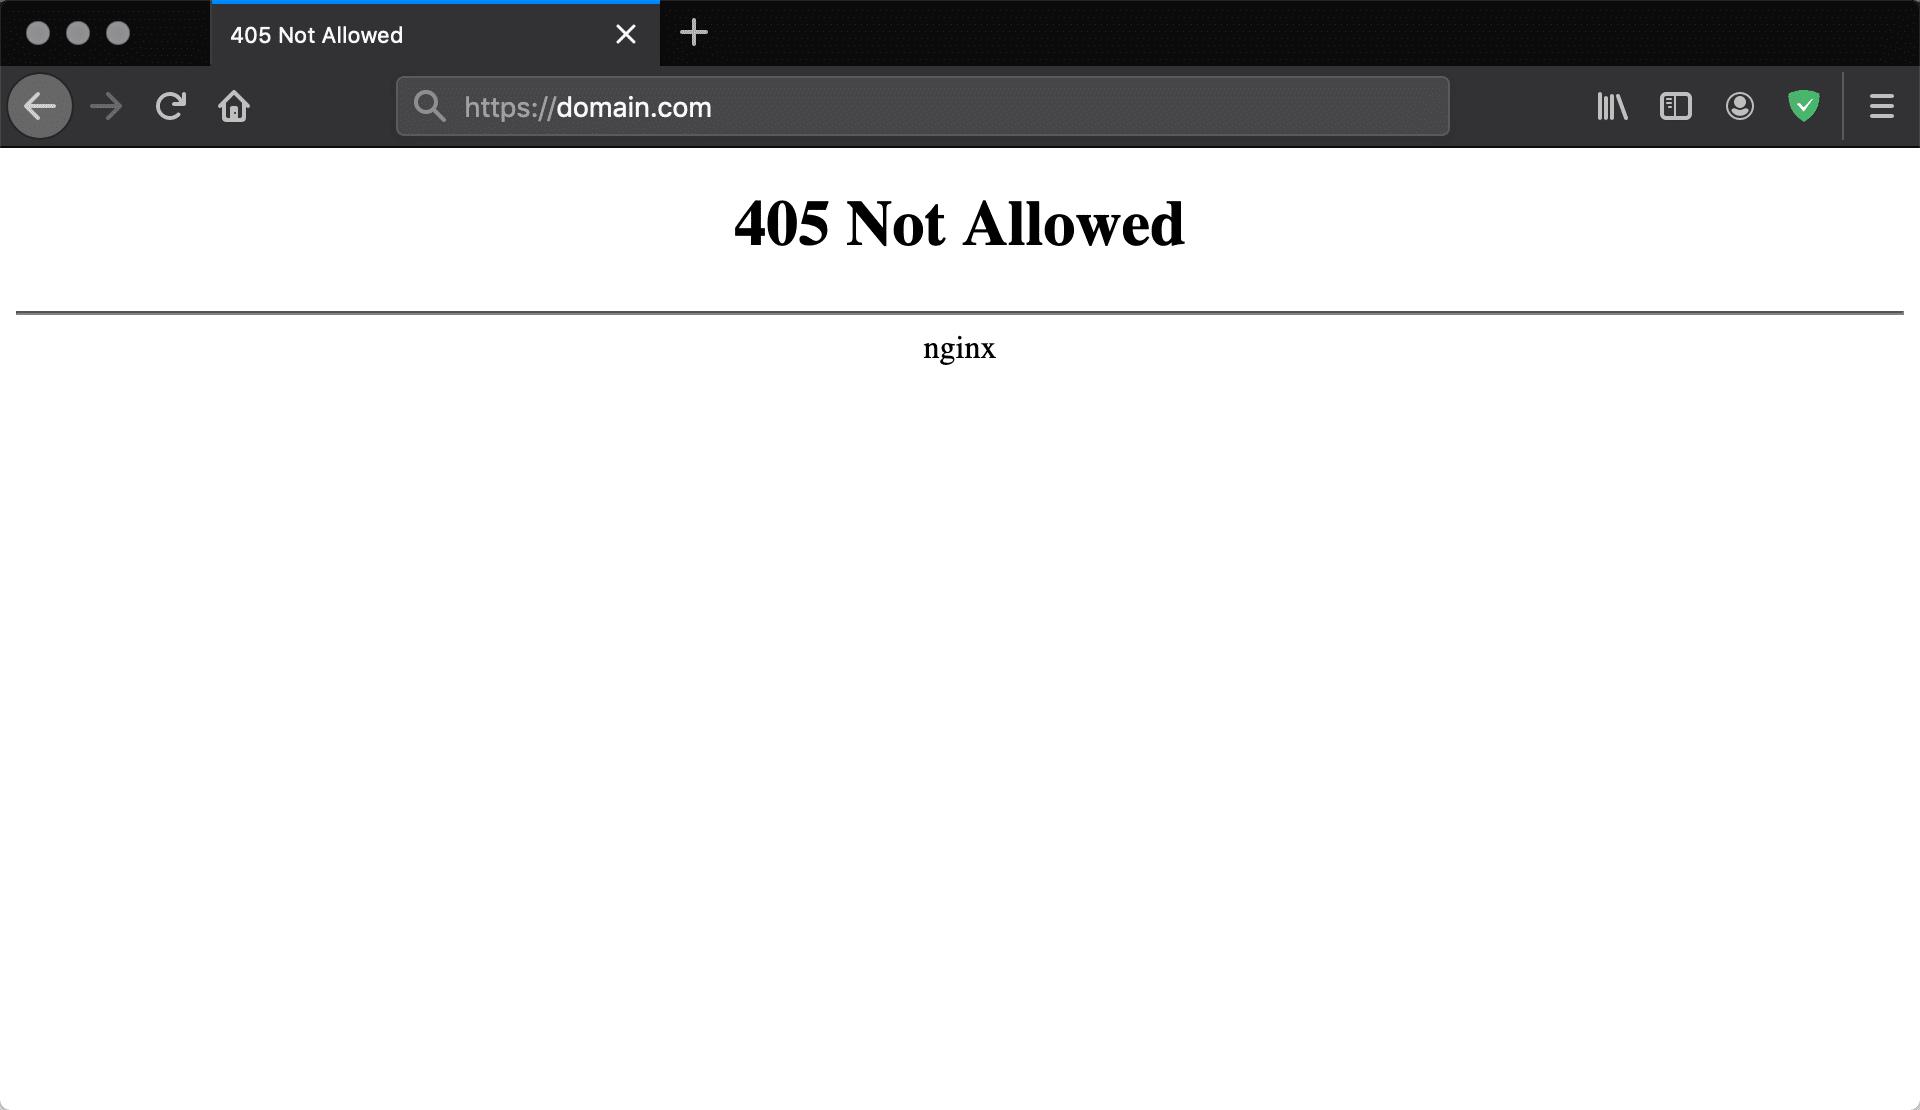 405 Inte Tillåten-fel Nginx i Firefox